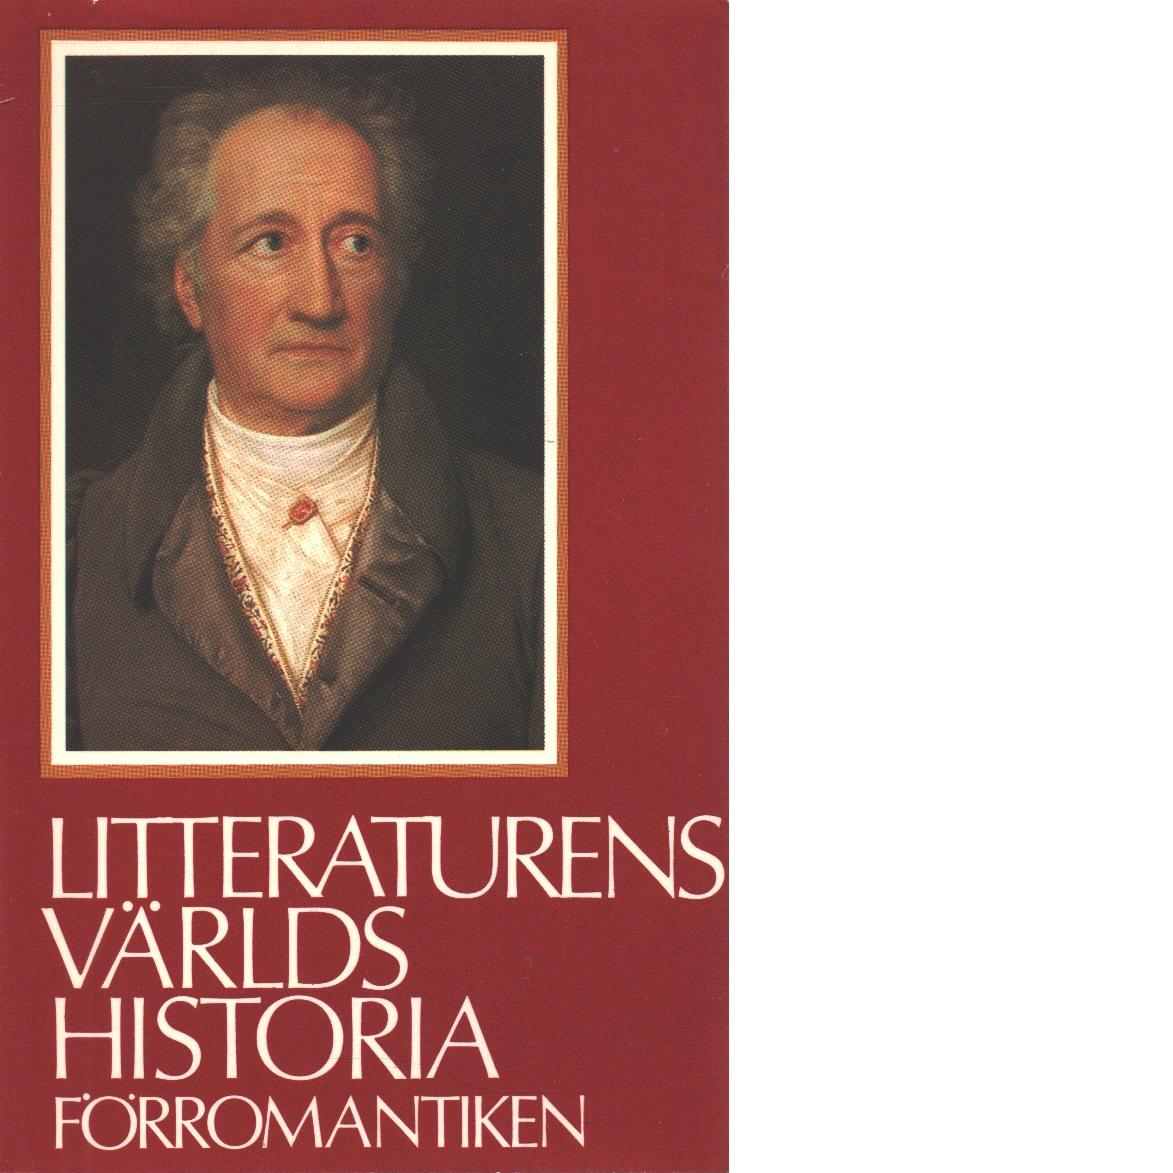 Litteraturens världshistoria [Bd 6] Förromantiken - Red.